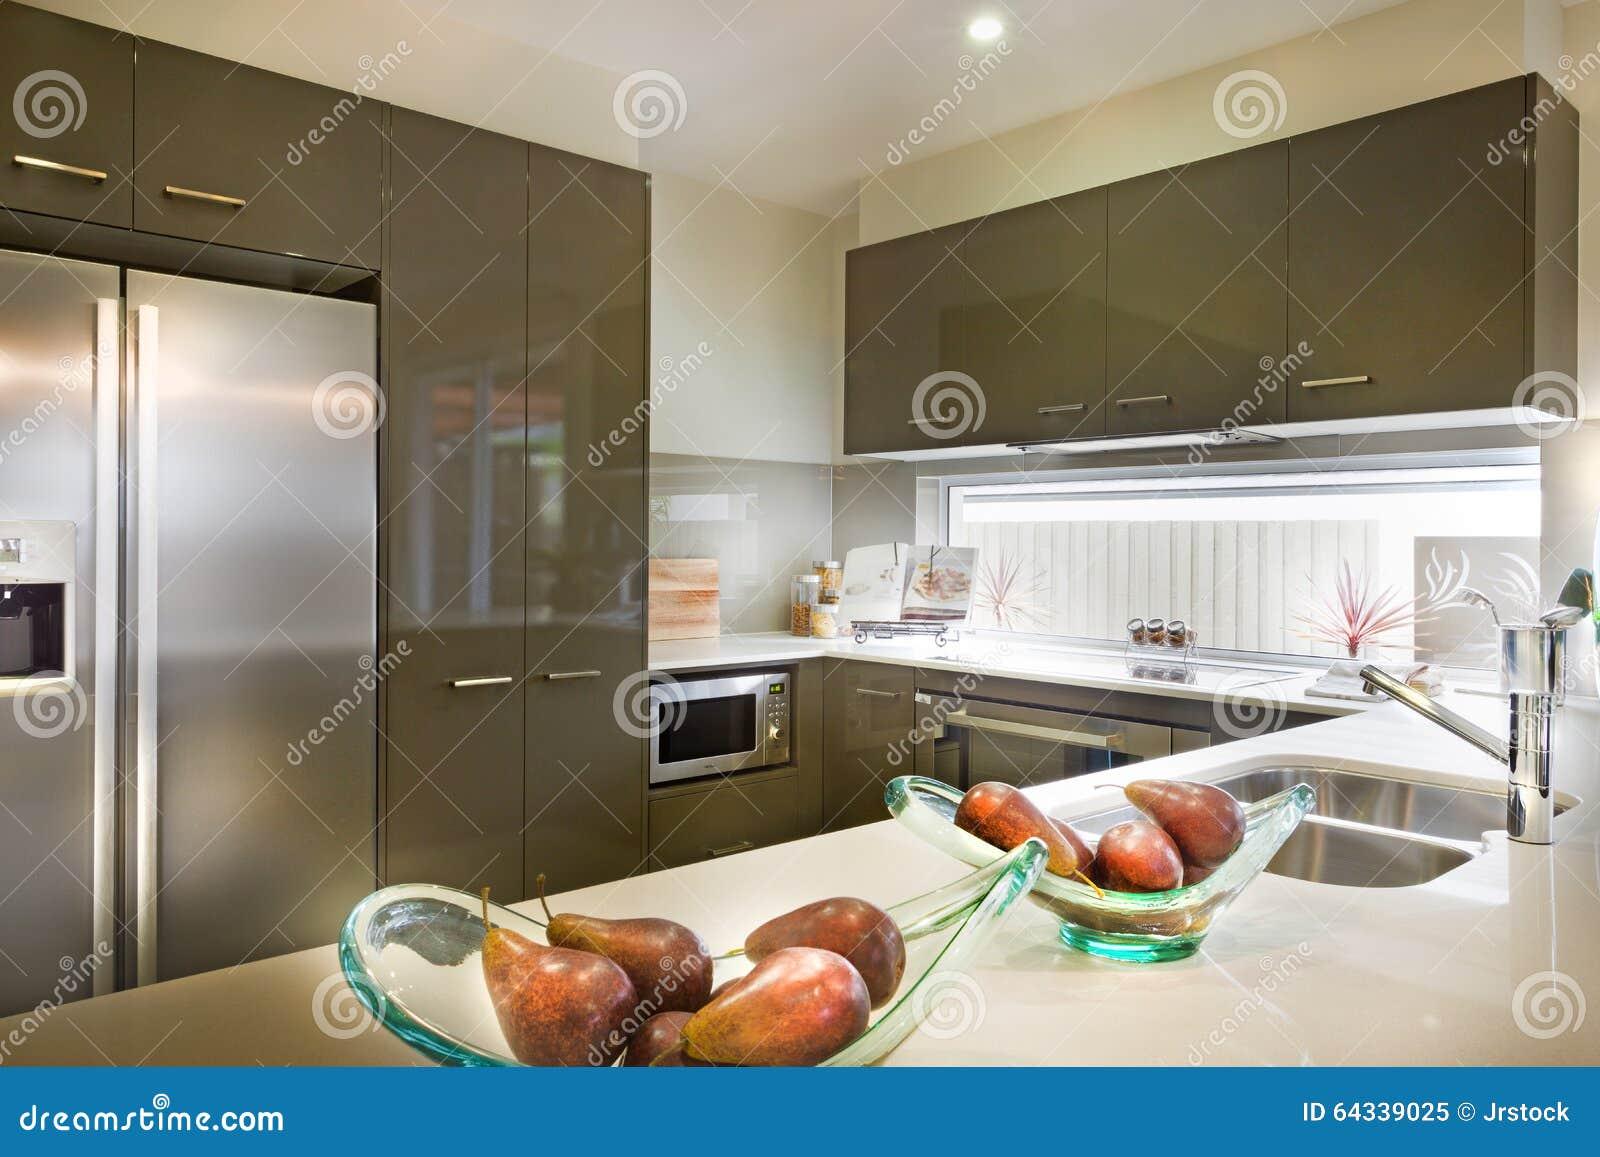 Stilfull och modern bild av ett kök med mat som förläggas på shel